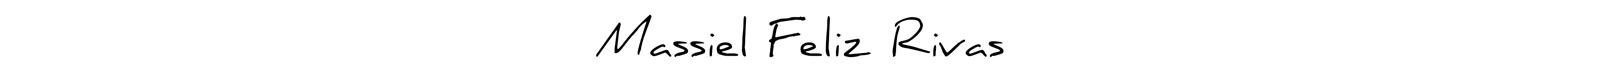 Massiel Feliz Rivas